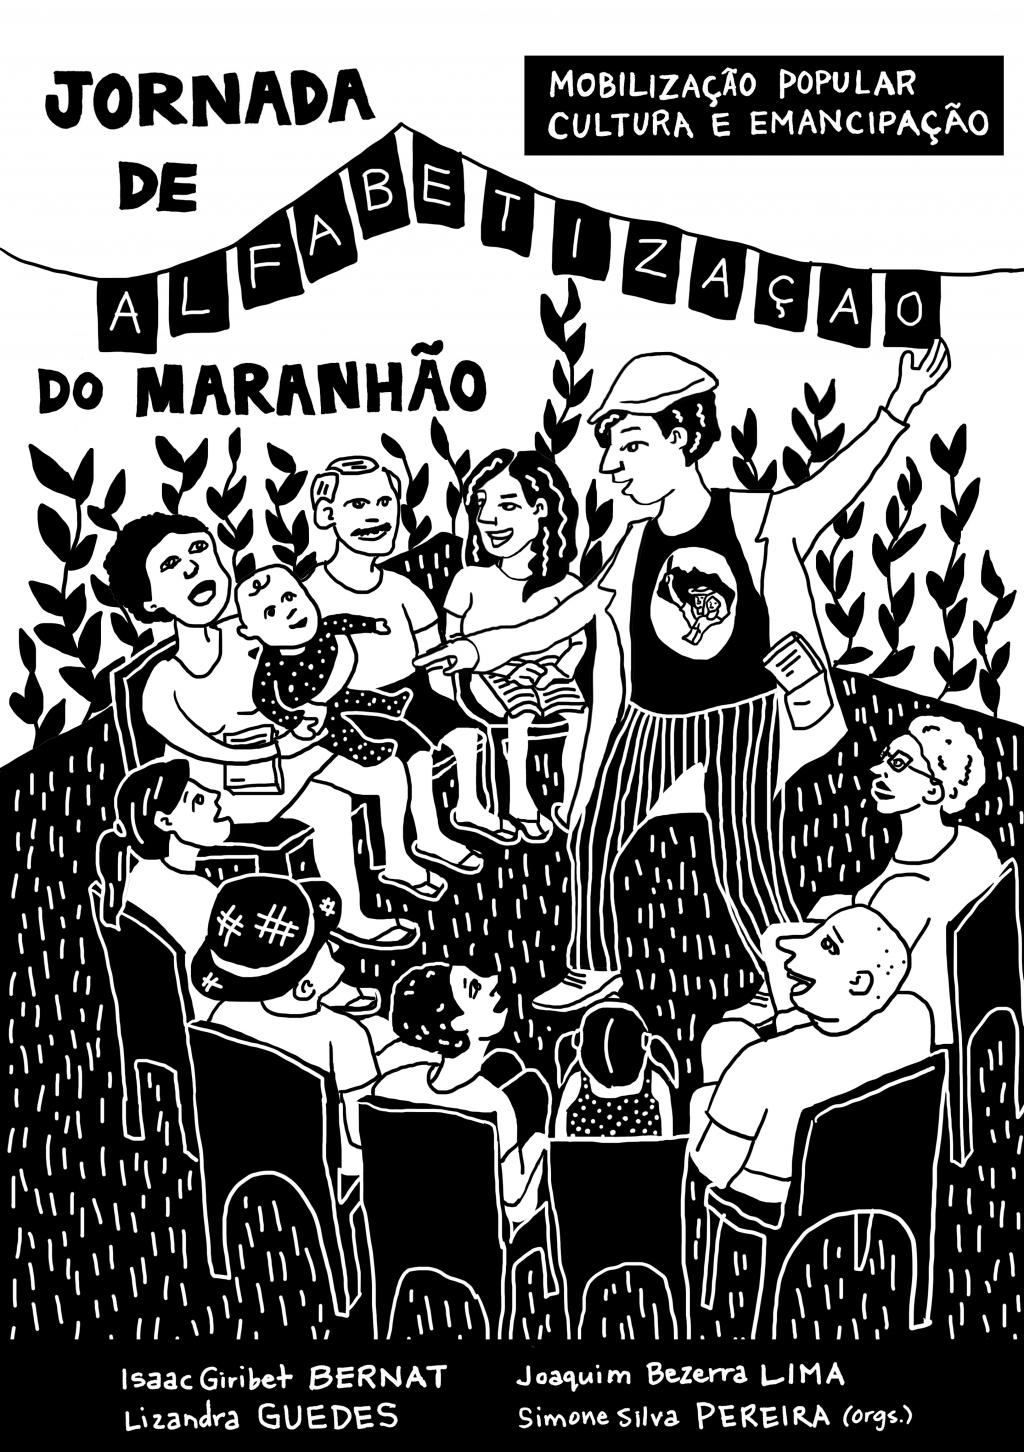 Jornada de Alfabetização do Maranhão: Mobilização Popular, Cultura e Emancipação (DISPONÍVEL PARA DOWNLOAD)